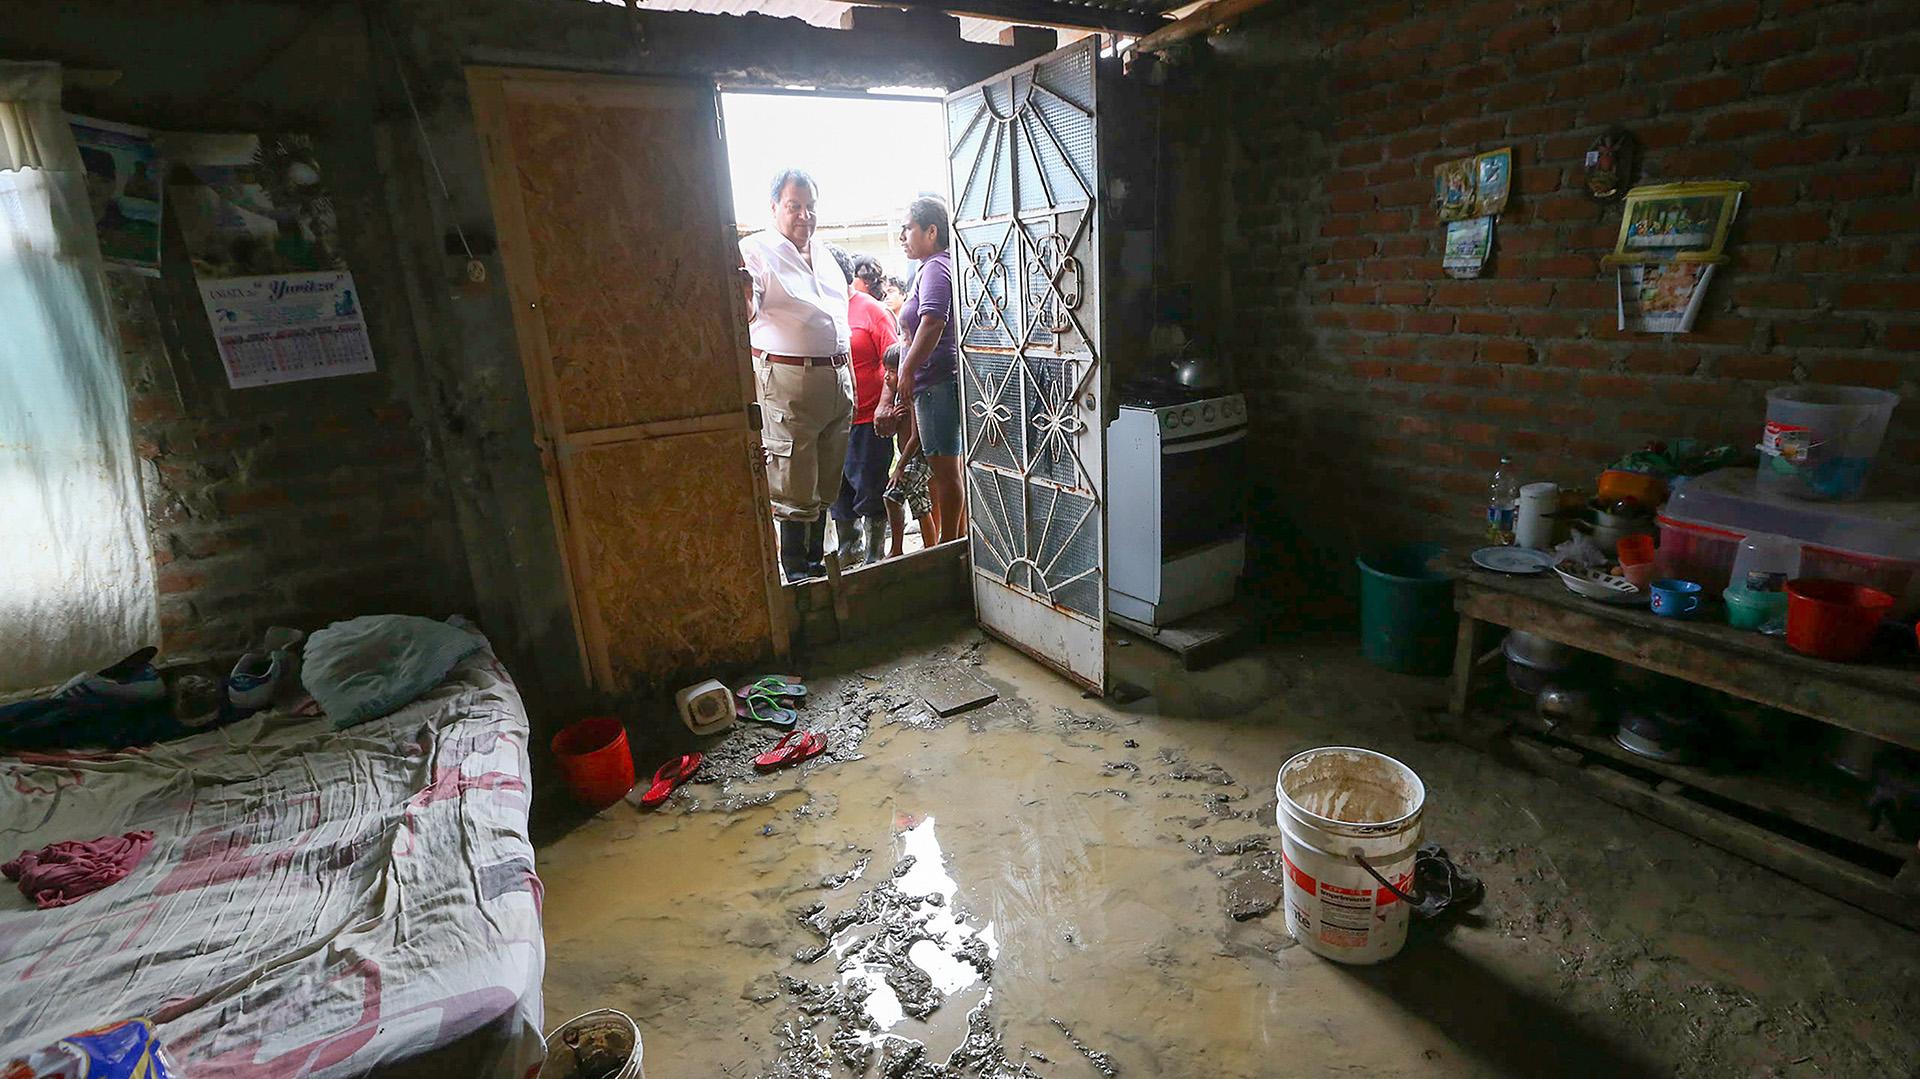 El ministro de Defensa de Perú, Jorge Nieto, observa el interior de una vivienda inundada por las lluvias torrenciales caídas sobre el sector de El Indio, en la provincia de Castilla, de la región de Piura, en la costa norte de Perú (EFE)